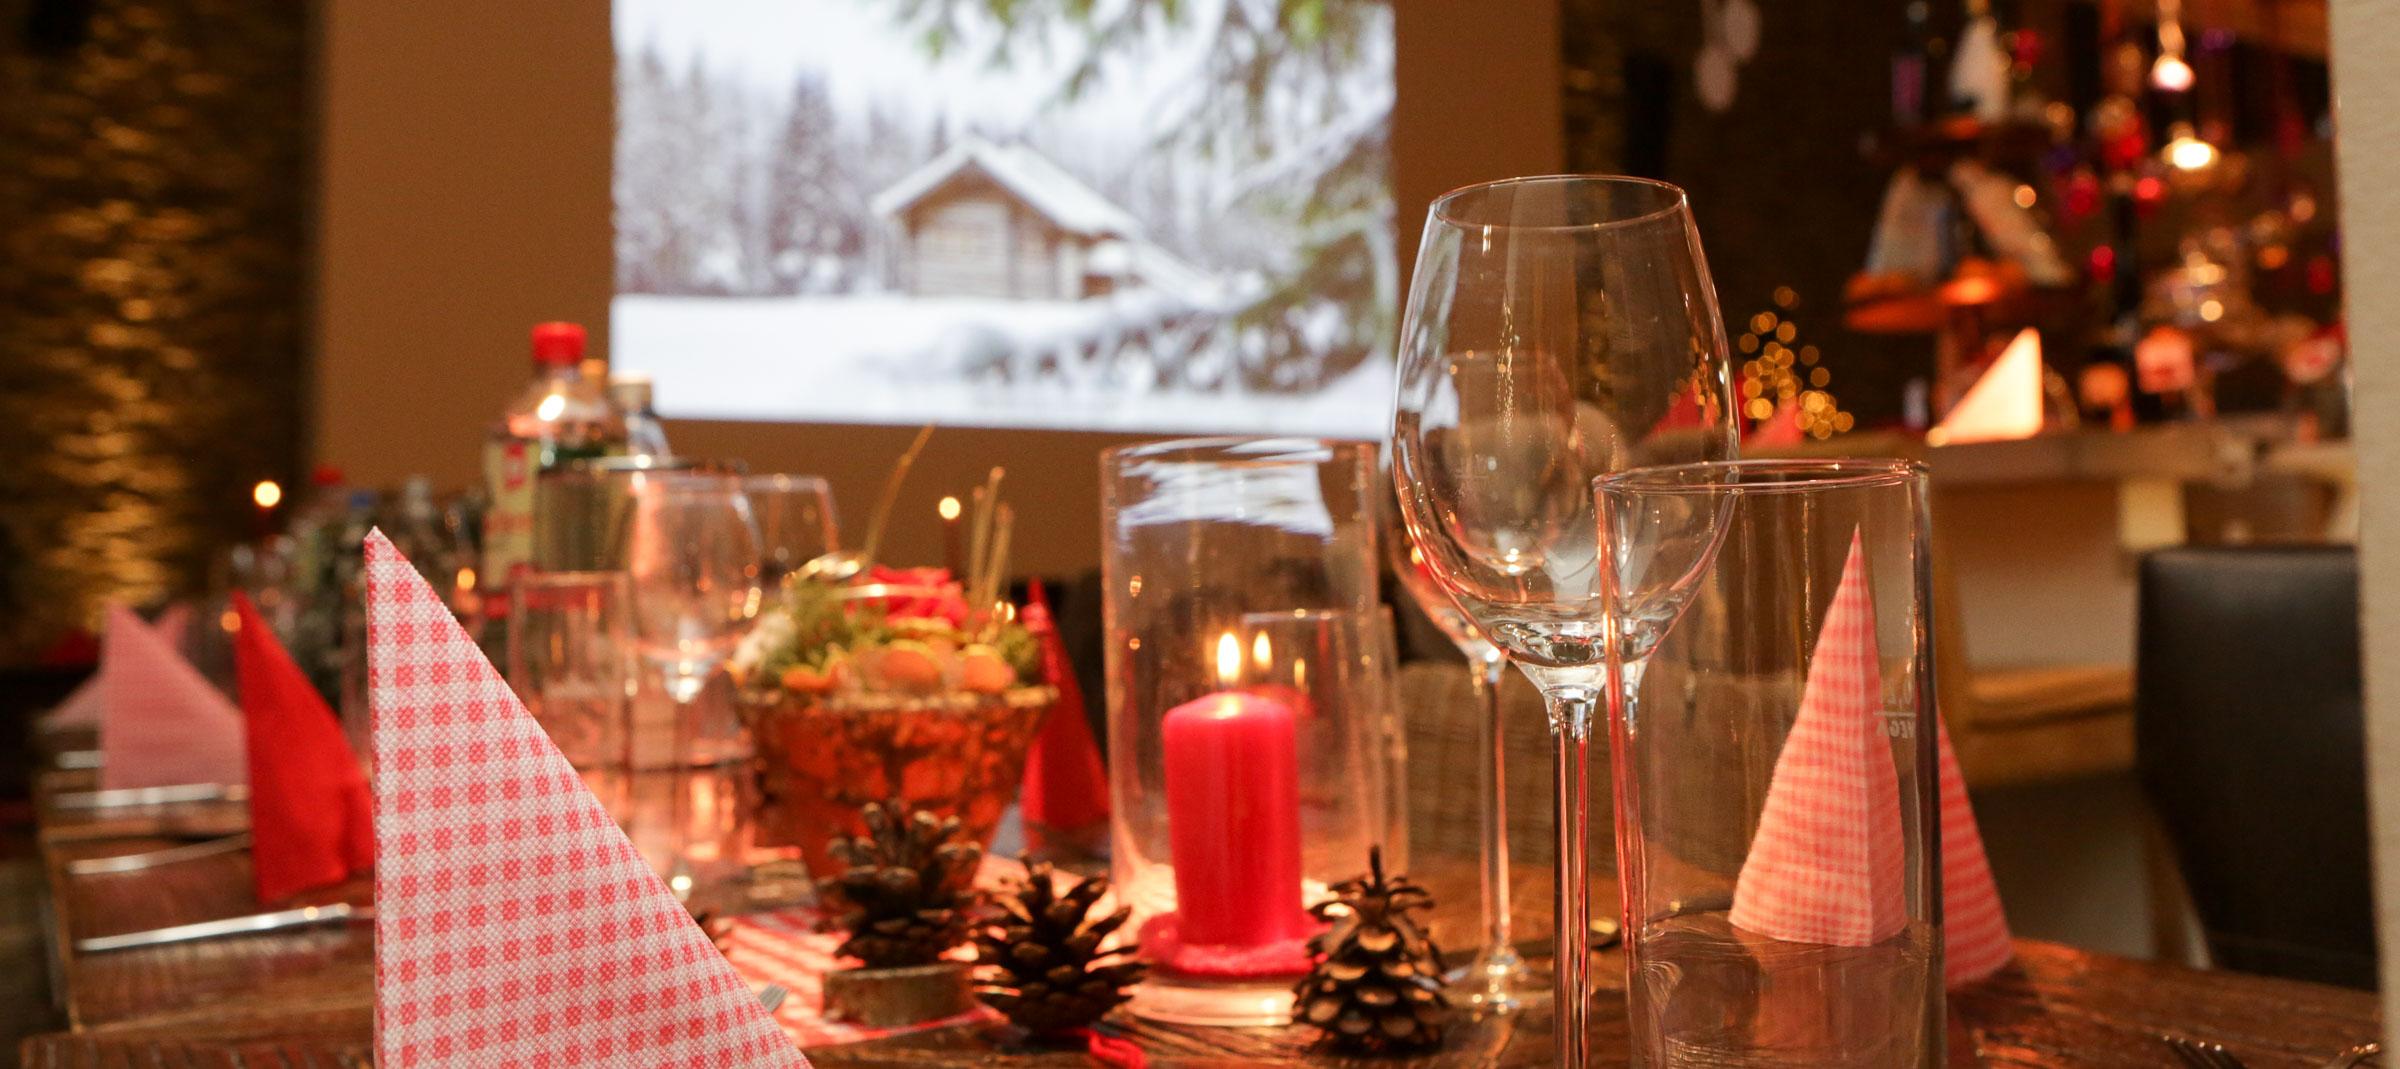 Weihnachtsfeier Dekoration.Ihre Weihnachtsfeier Mit Hüttenzauber Die Kulinarische Werkstatt